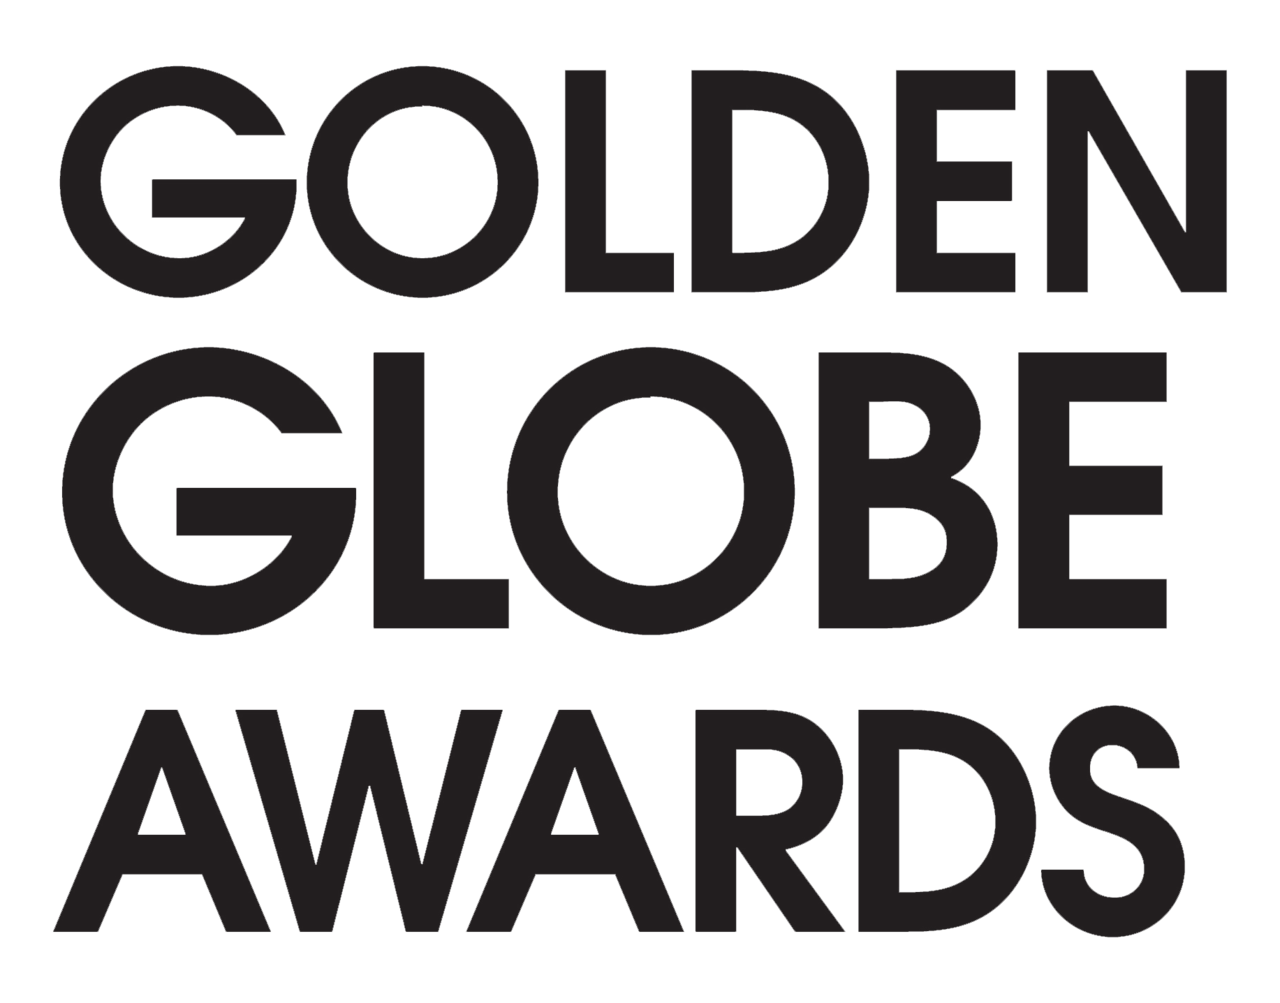 1280px-Golden_Globe_text_logo